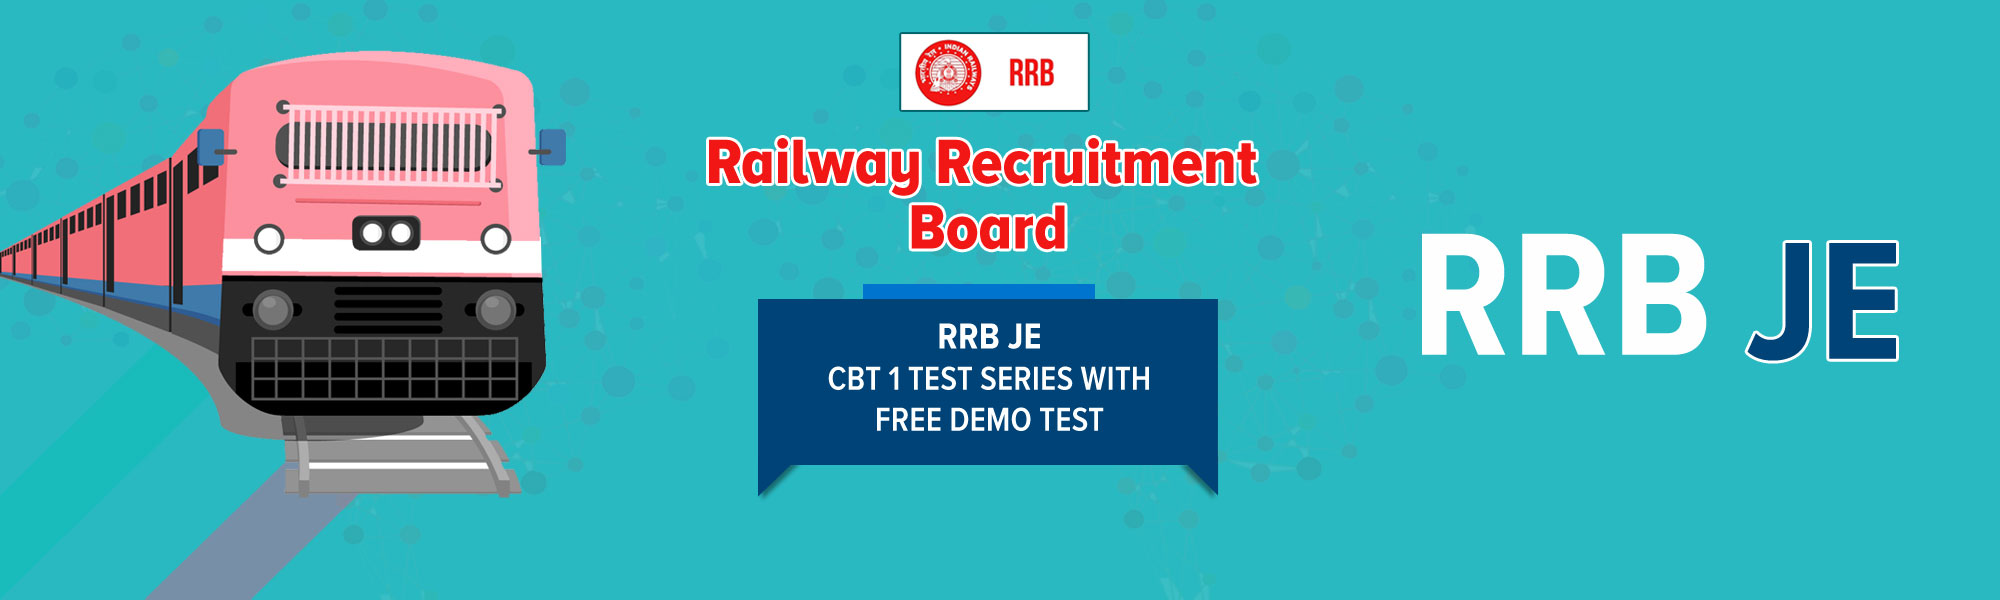 RRB CBAT Exam